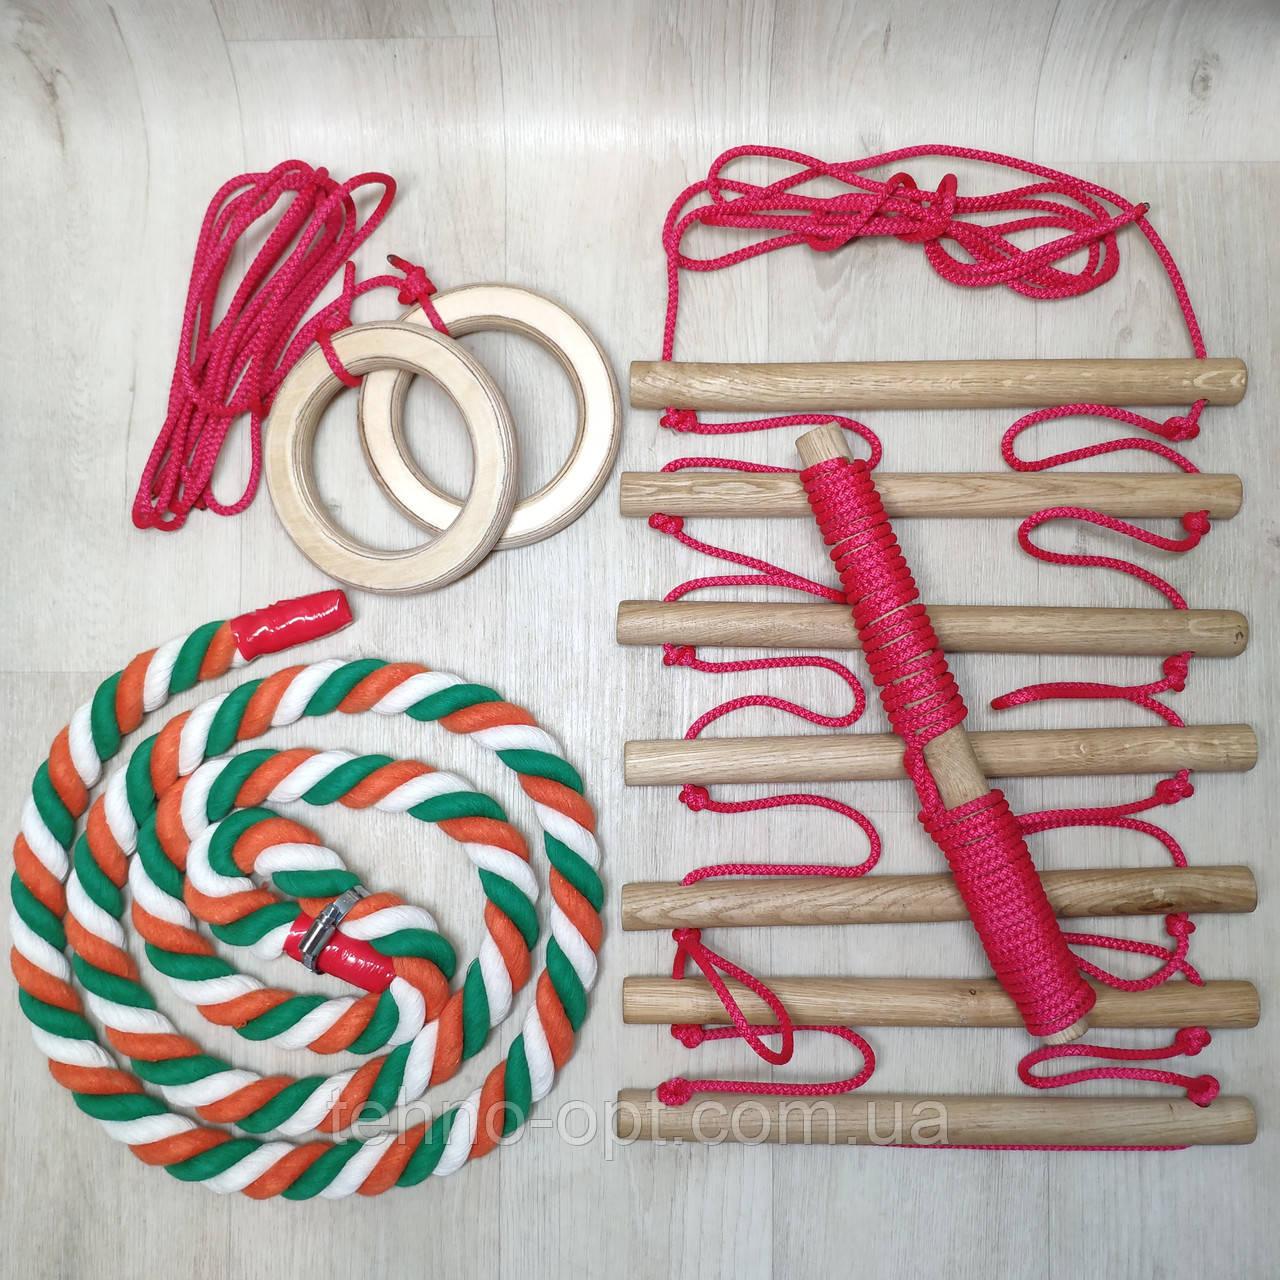 Набор детский красный для шведской стенки Канат (хб радуга) Кольца, Лестница, Трапеция